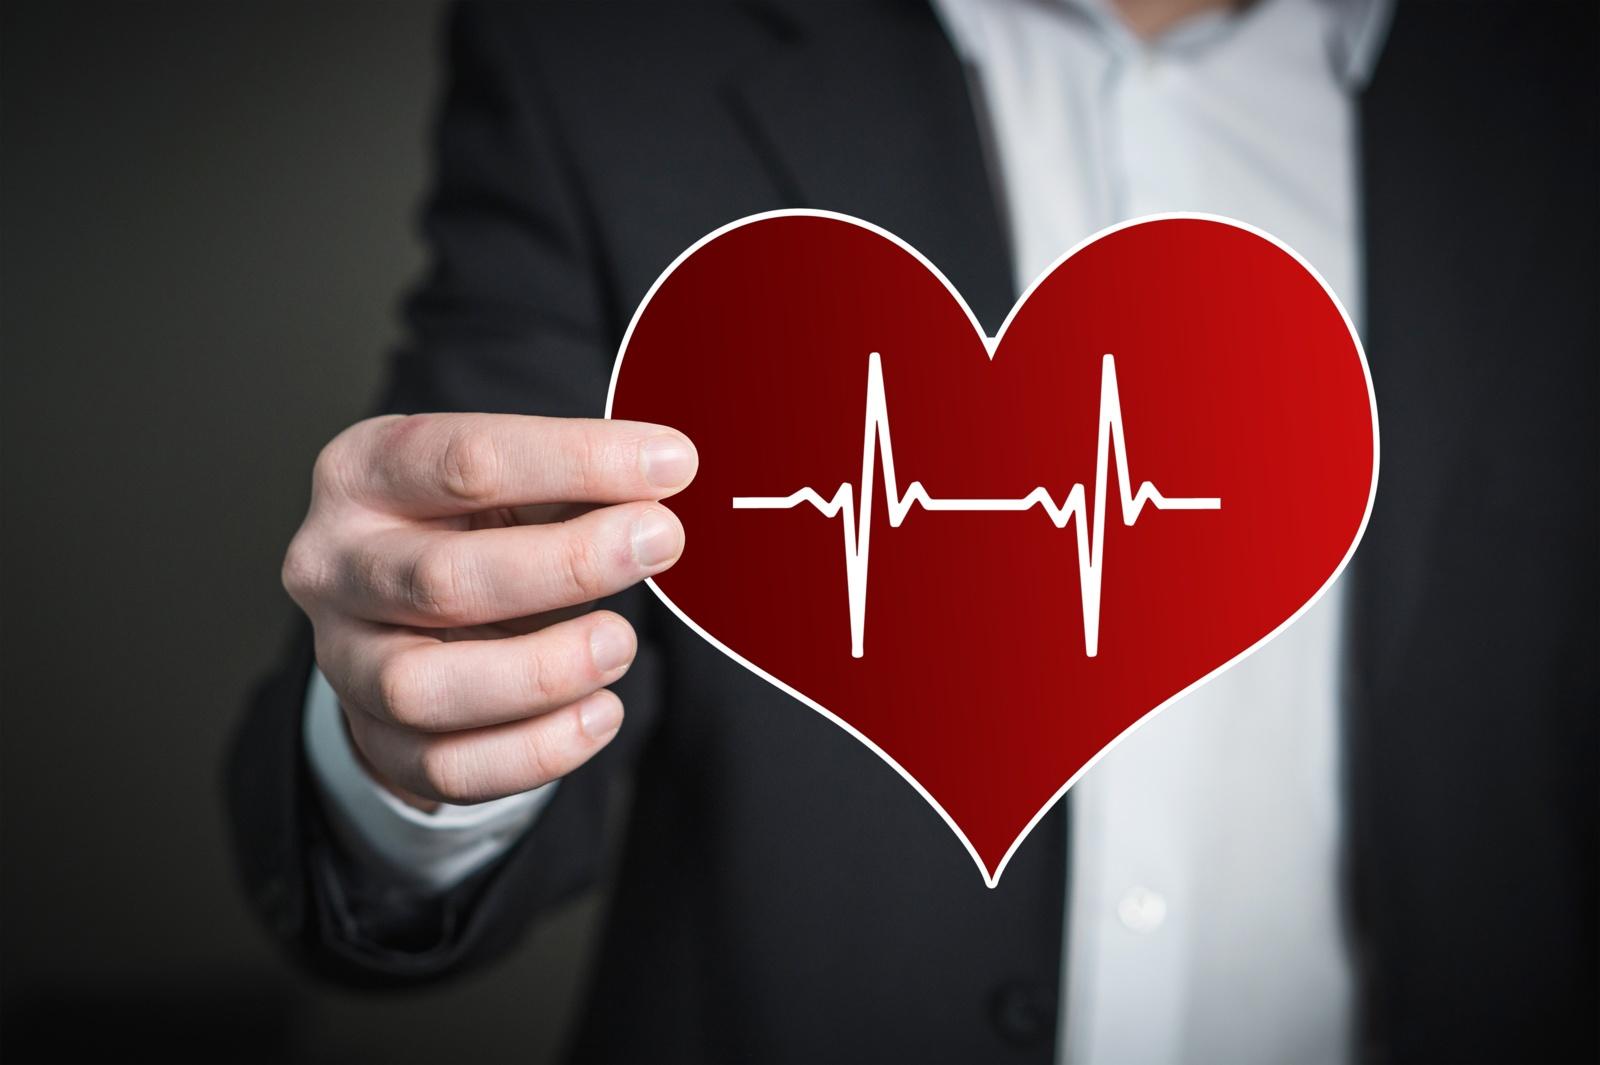 hipertenzija visiškai išgydoma